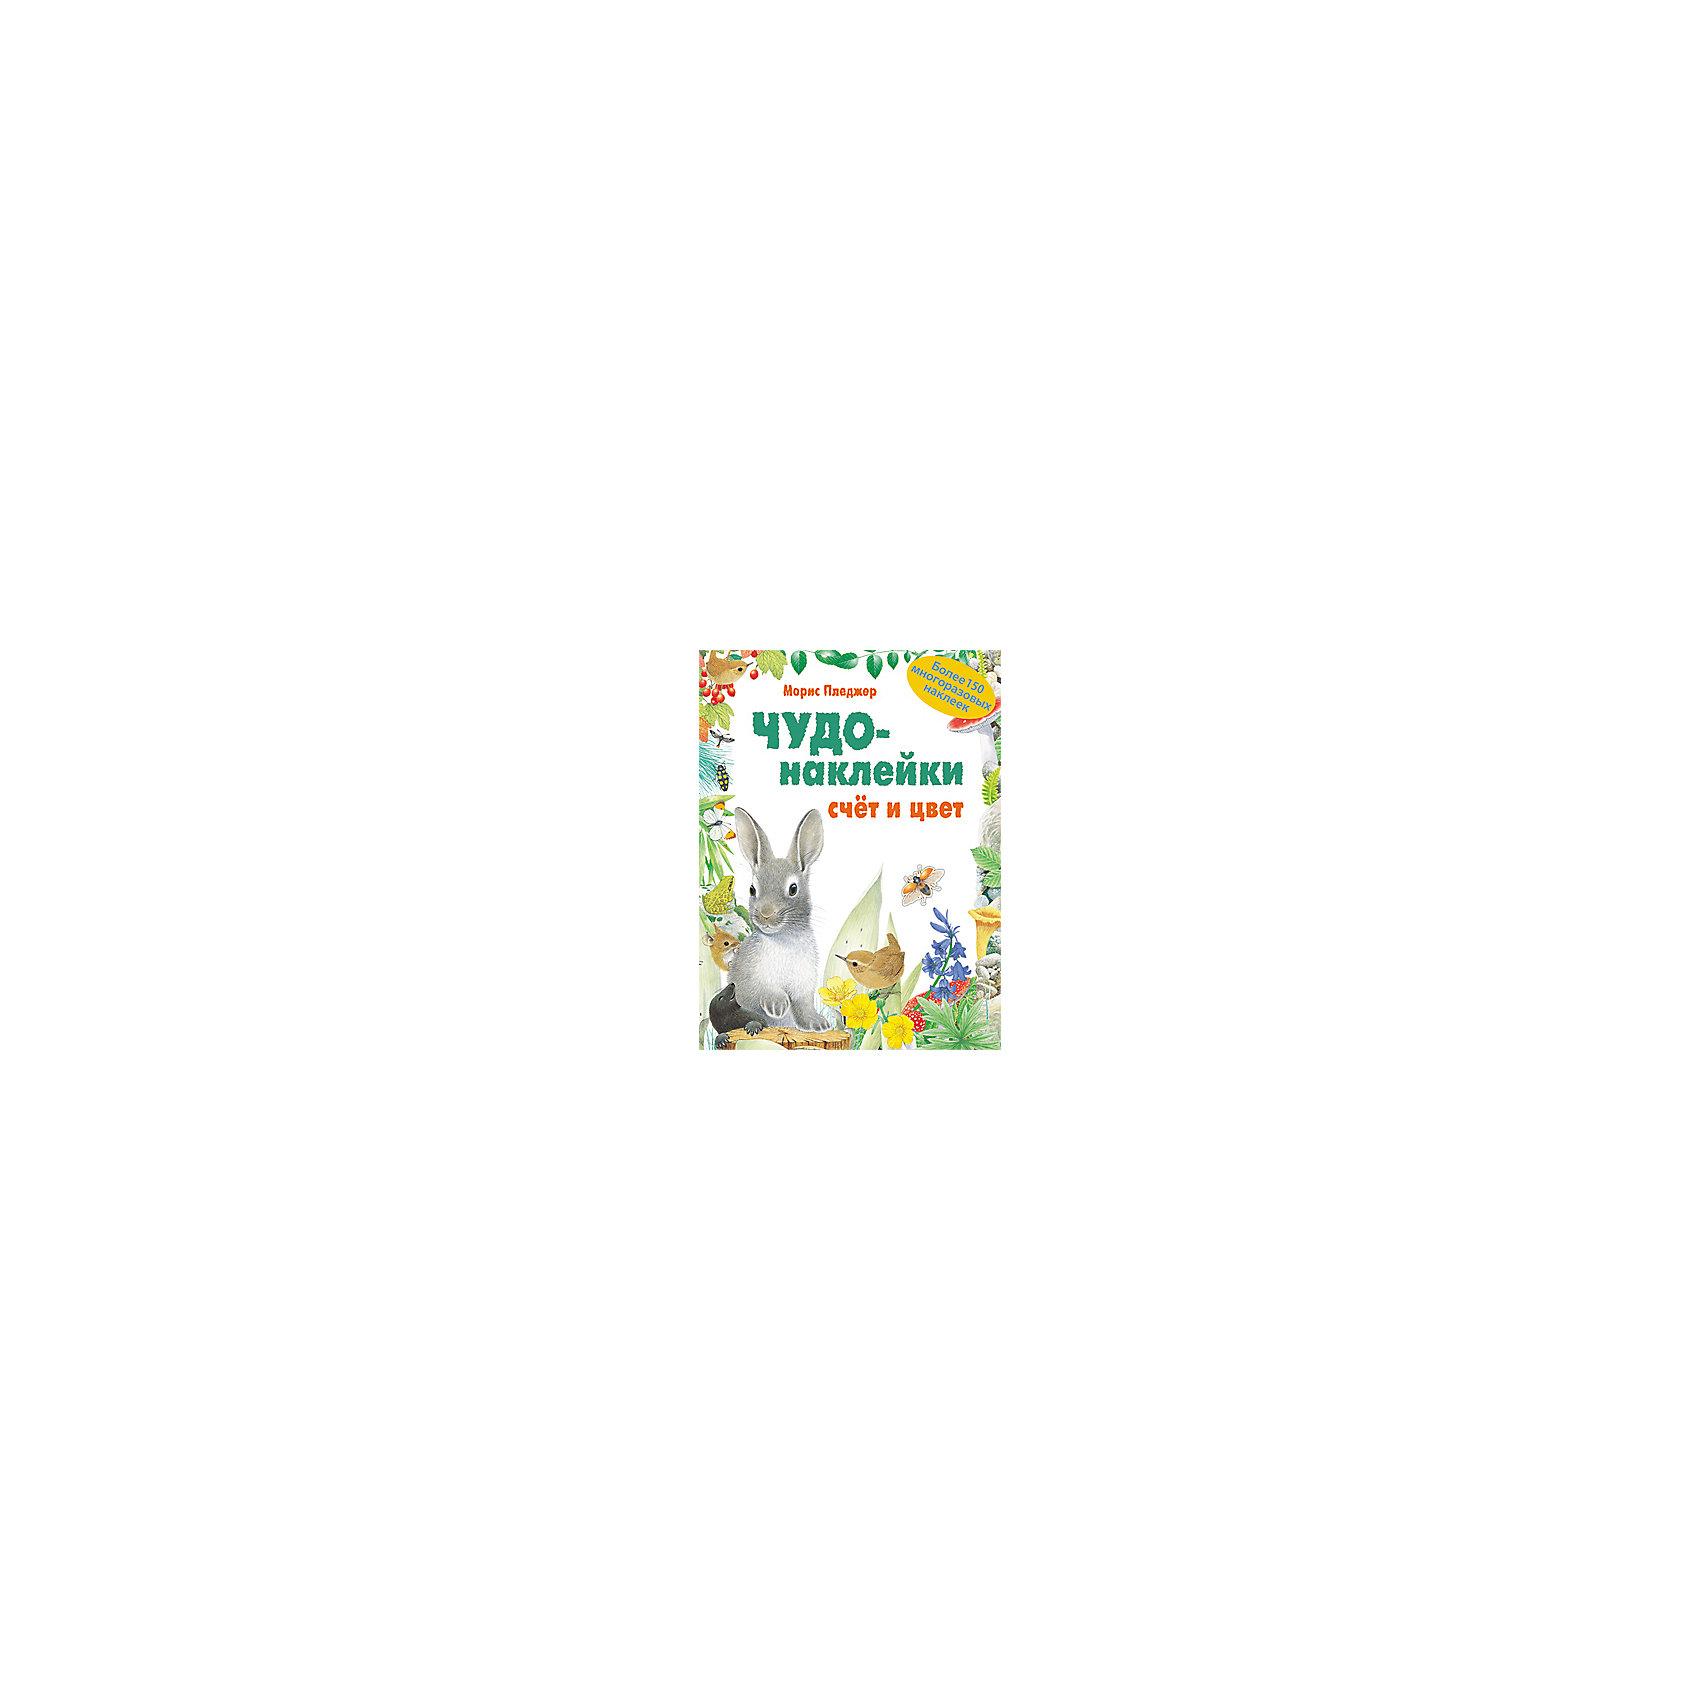 Чудо-наклейки Счет и цветКнижки с наклейками<br>Чудо-наклейки «Счёт и цвет»<br><br>Характеристики:<br>• издательство: Мозаика-Синтез;<br>• размер: 28х0,5х21,5;<br>• страницы: 96 шт., мелованные;<br>• тип обложки: мягкая;<br>• иллюстрации: цветные;<br>• ISBN: 9785867759254;<br>• вес: 534 г.;<br>• для детей в возрасте: от 3х лет;<br>• страна производитель: Россия.<br>Развивающая книжка с наклейками из серии «Чудо-наклейки» предназначена для детей от трёх лет. С её помощью ребёнок сможет изучать счёт и цвета. Работа с наклейками сделает процесс обучения более интересным и весёлым. К каждому заданию написан небольшой рассказ про животных. В наборе множество разнообразных наклеек, они качественно выполнены и не повторяются. Занимаясь с книжкой дети смогут развивать мелкую моторику рук, чувство цвета, творческие способности, логику. Слушая рассказы дети развивают память, словарный запас, учатся правильно формировать и строить предложения, запоминают основные правила русского языка. <br>Чудо-наклейки «Счёт и цвет» можно купить в нашем интернет-магазине.<br><br>Ширина мм: 90<br>Глубина мм: 215<br>Высота мм: 280<br>Вес г: 538<br>Возраст от месяцев: 60<br>Возраст до месяцев: 84<br>Пол: Унисекс<br>Возраст: Детский<br>SKU: 5562606